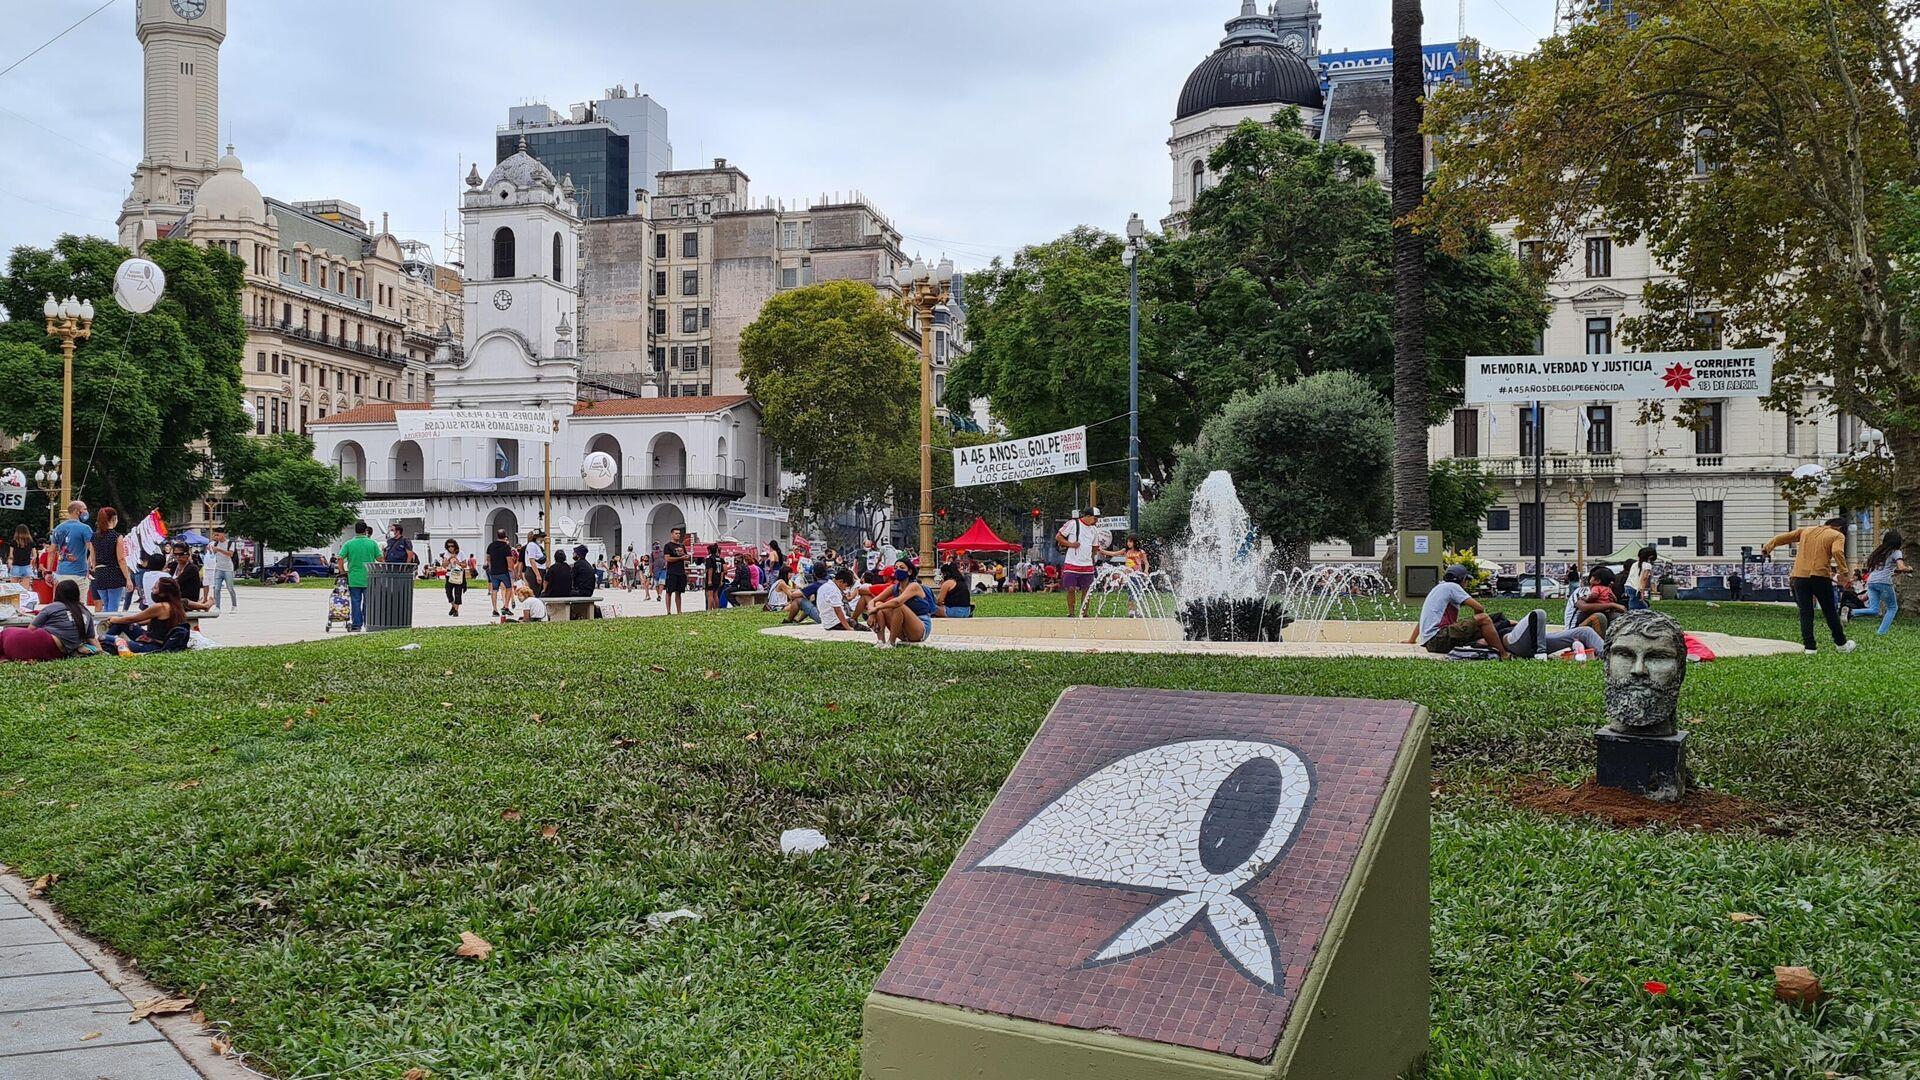 El microcentro incluye los alrededores de la Plaza de Mayo, sede de la administración pública nacional - Sputnik Mundo, 1920, 16.07.2021